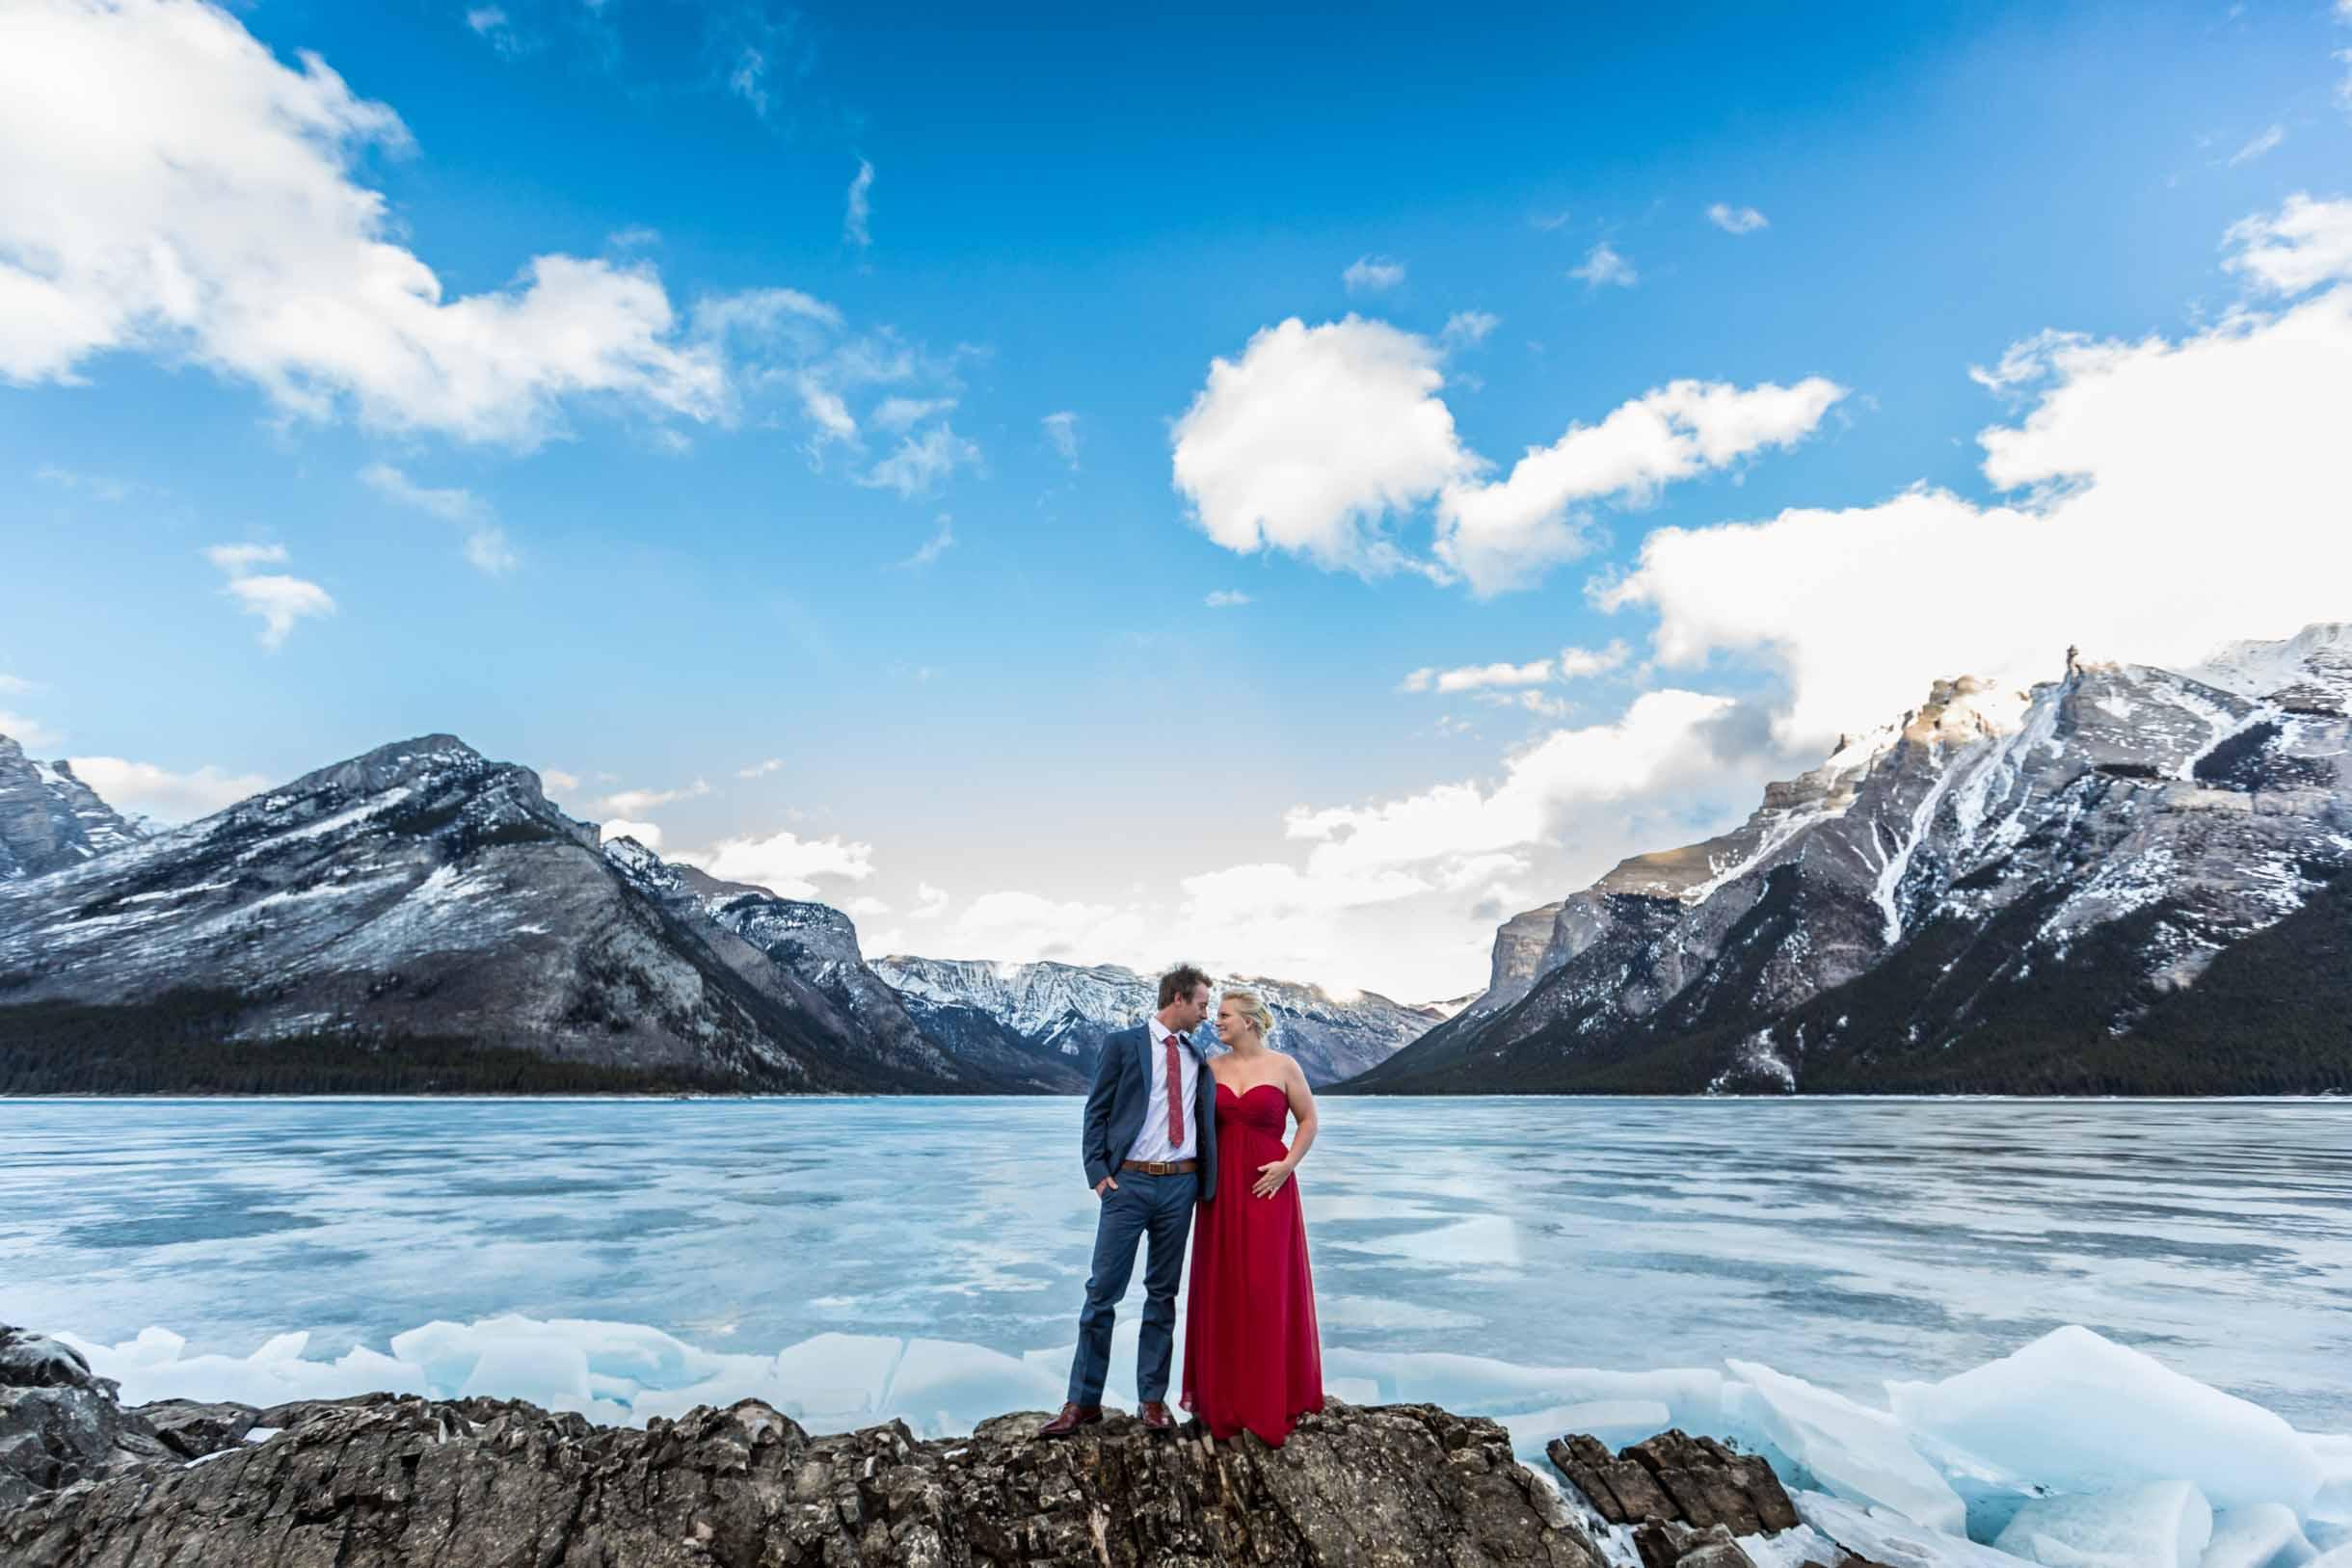 Engagement photographers Banff